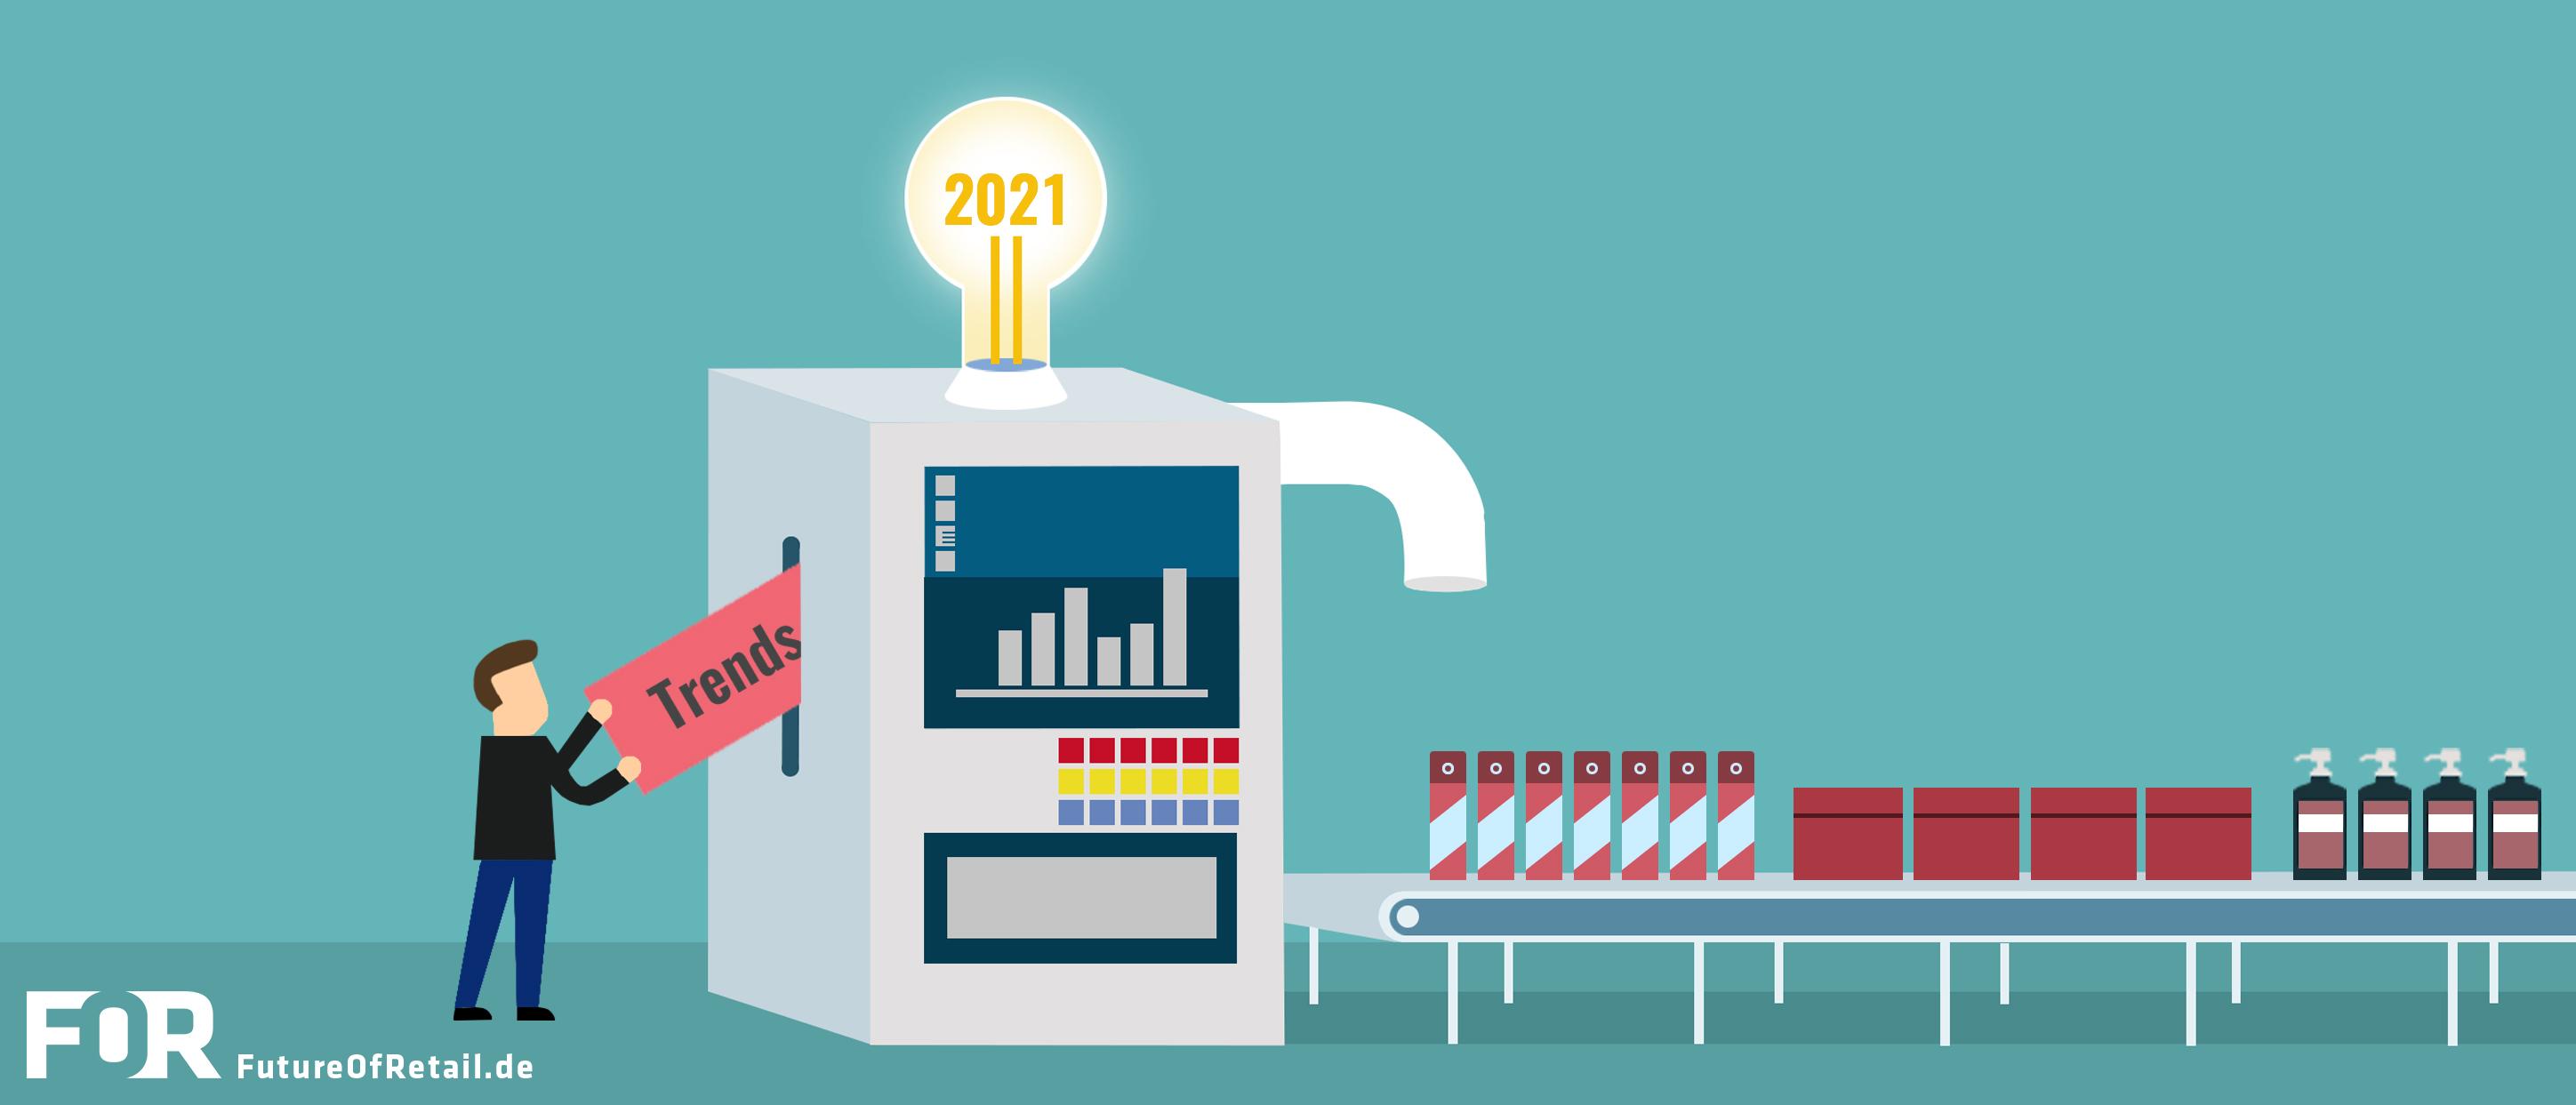 beste optionen für den handel mit 2021 bildung binäre option